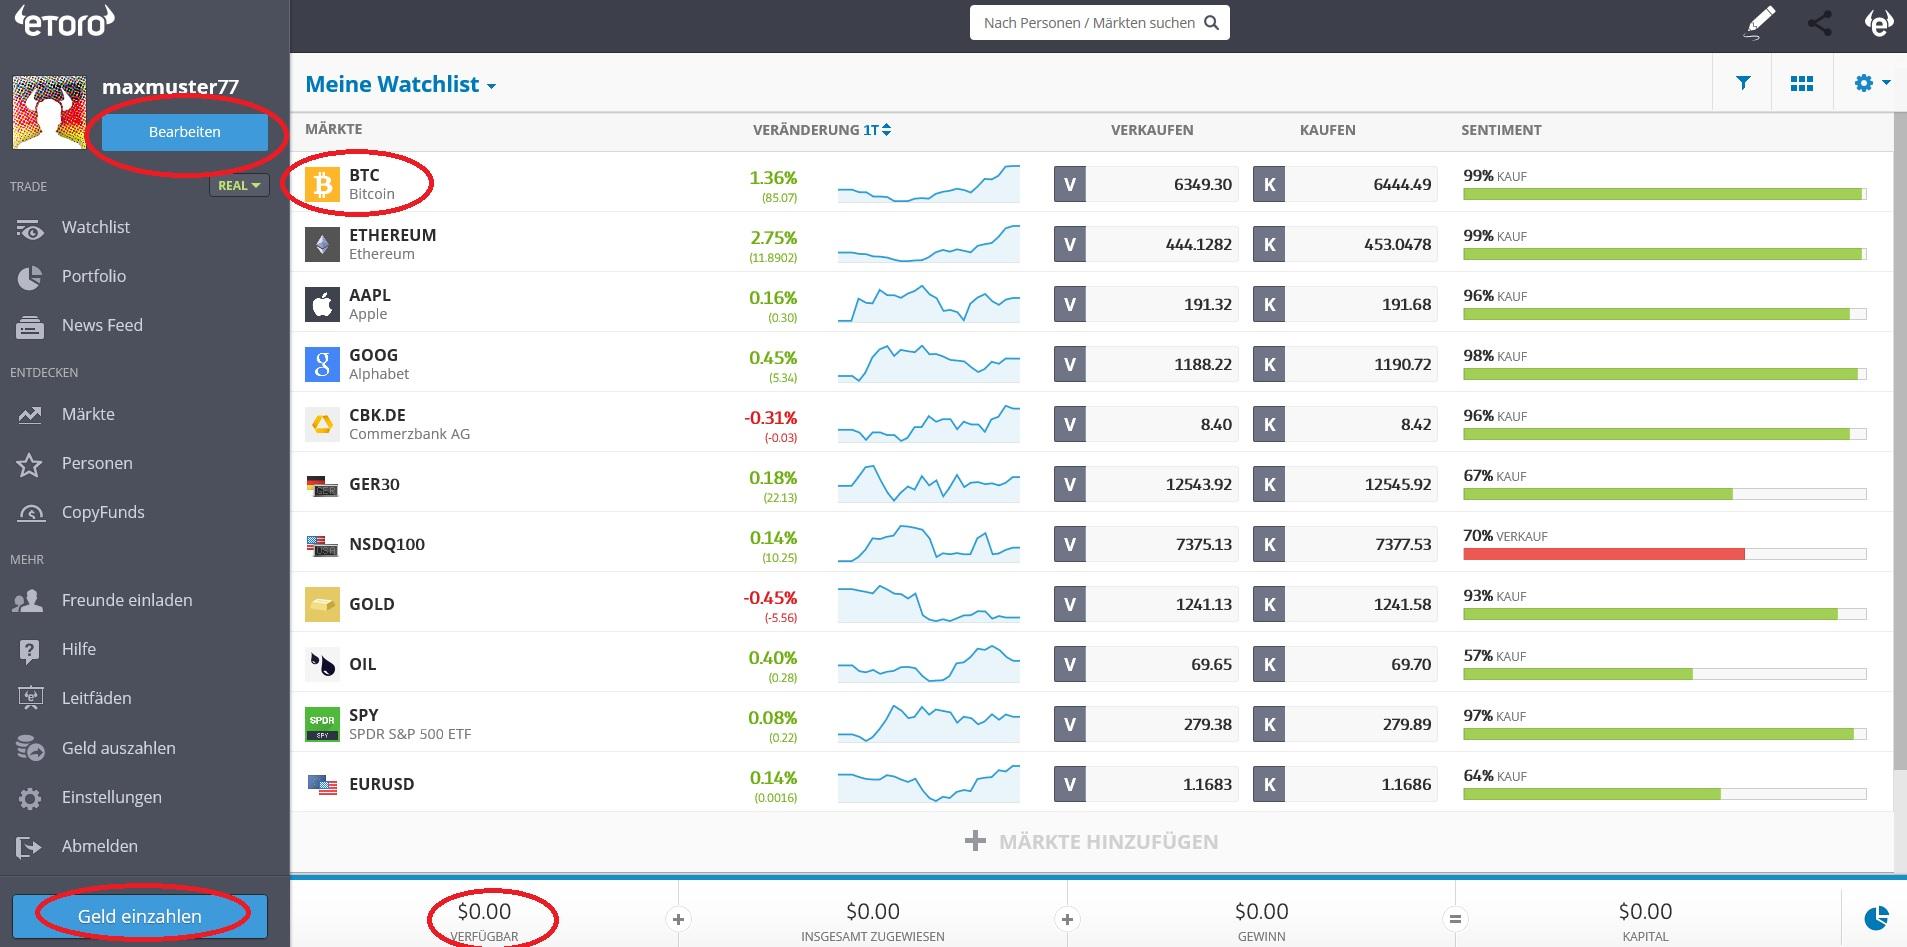 Bitcoins kaufen bei eToro: So sieht das Konto aus